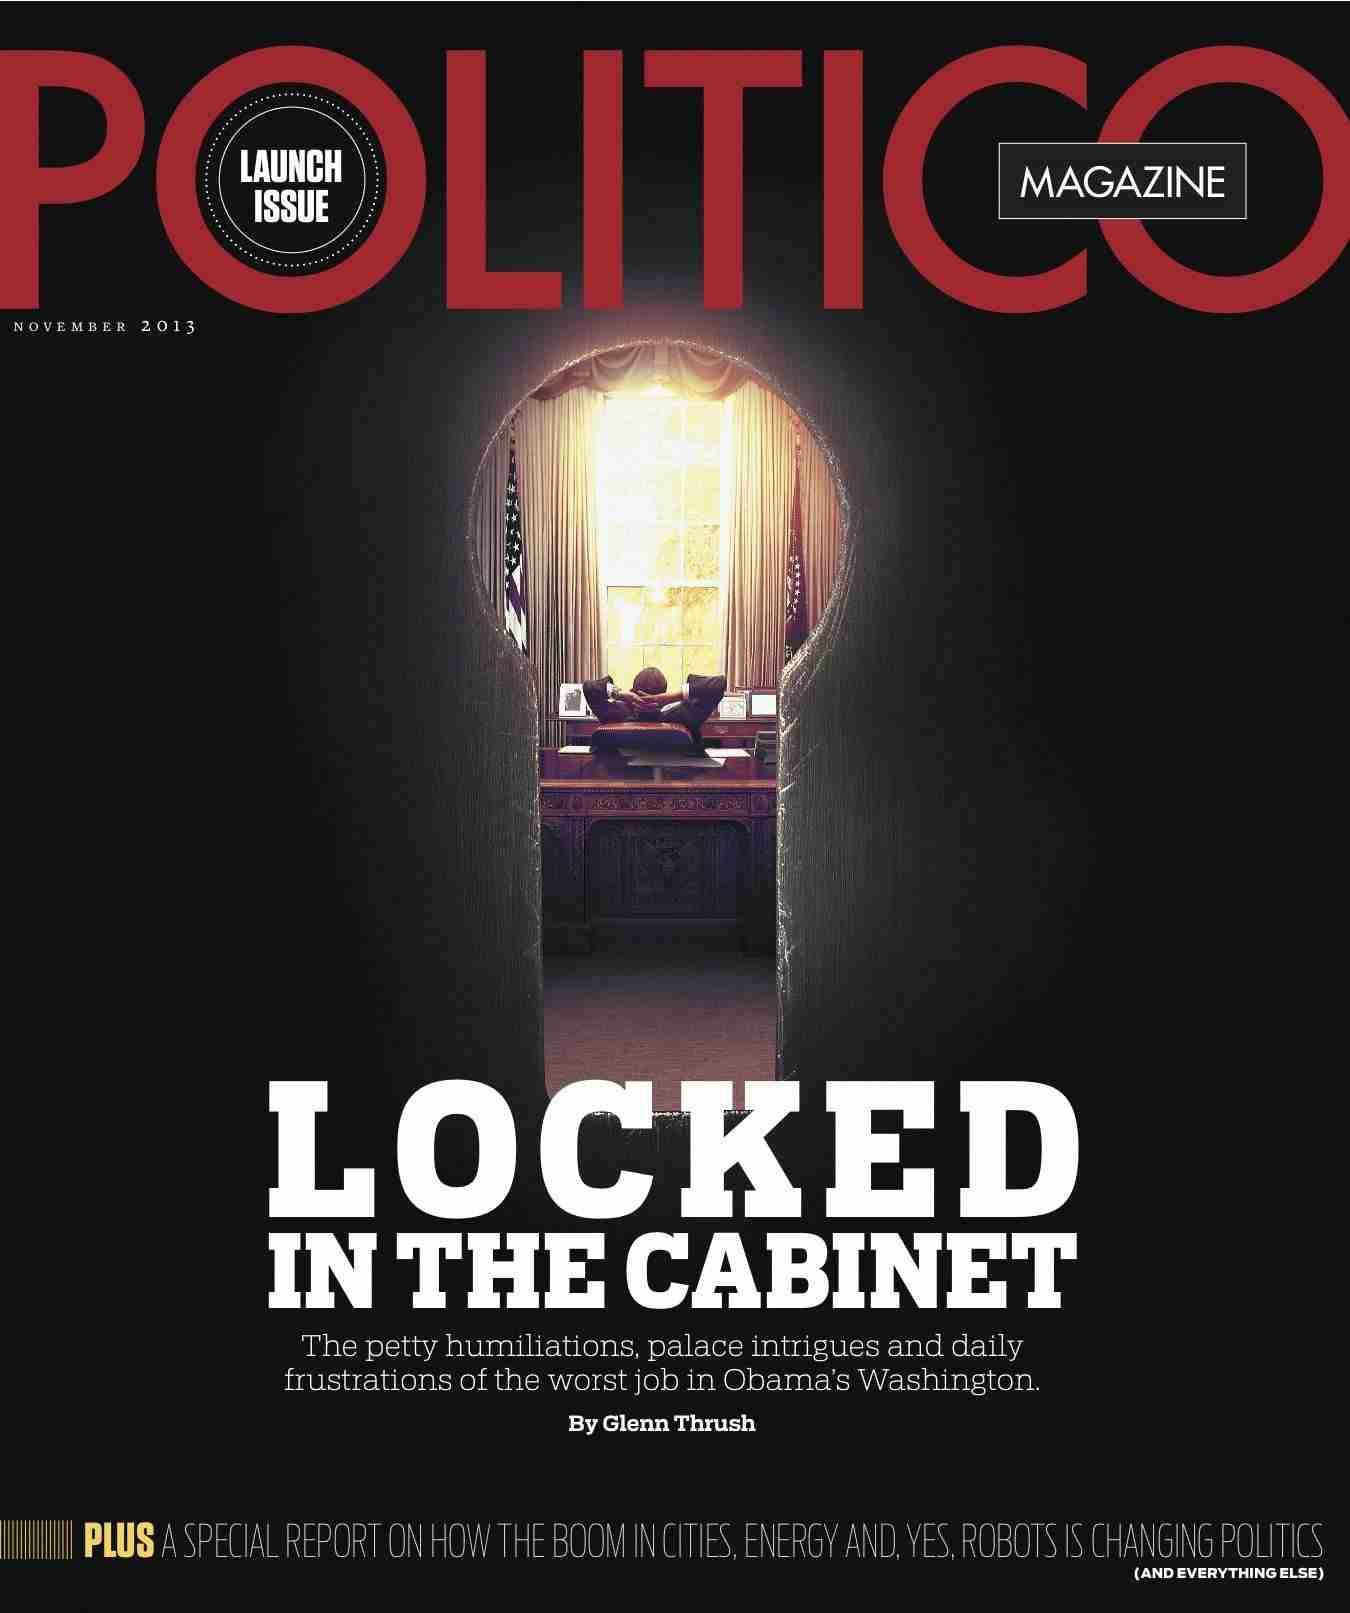 Politico Cover Image